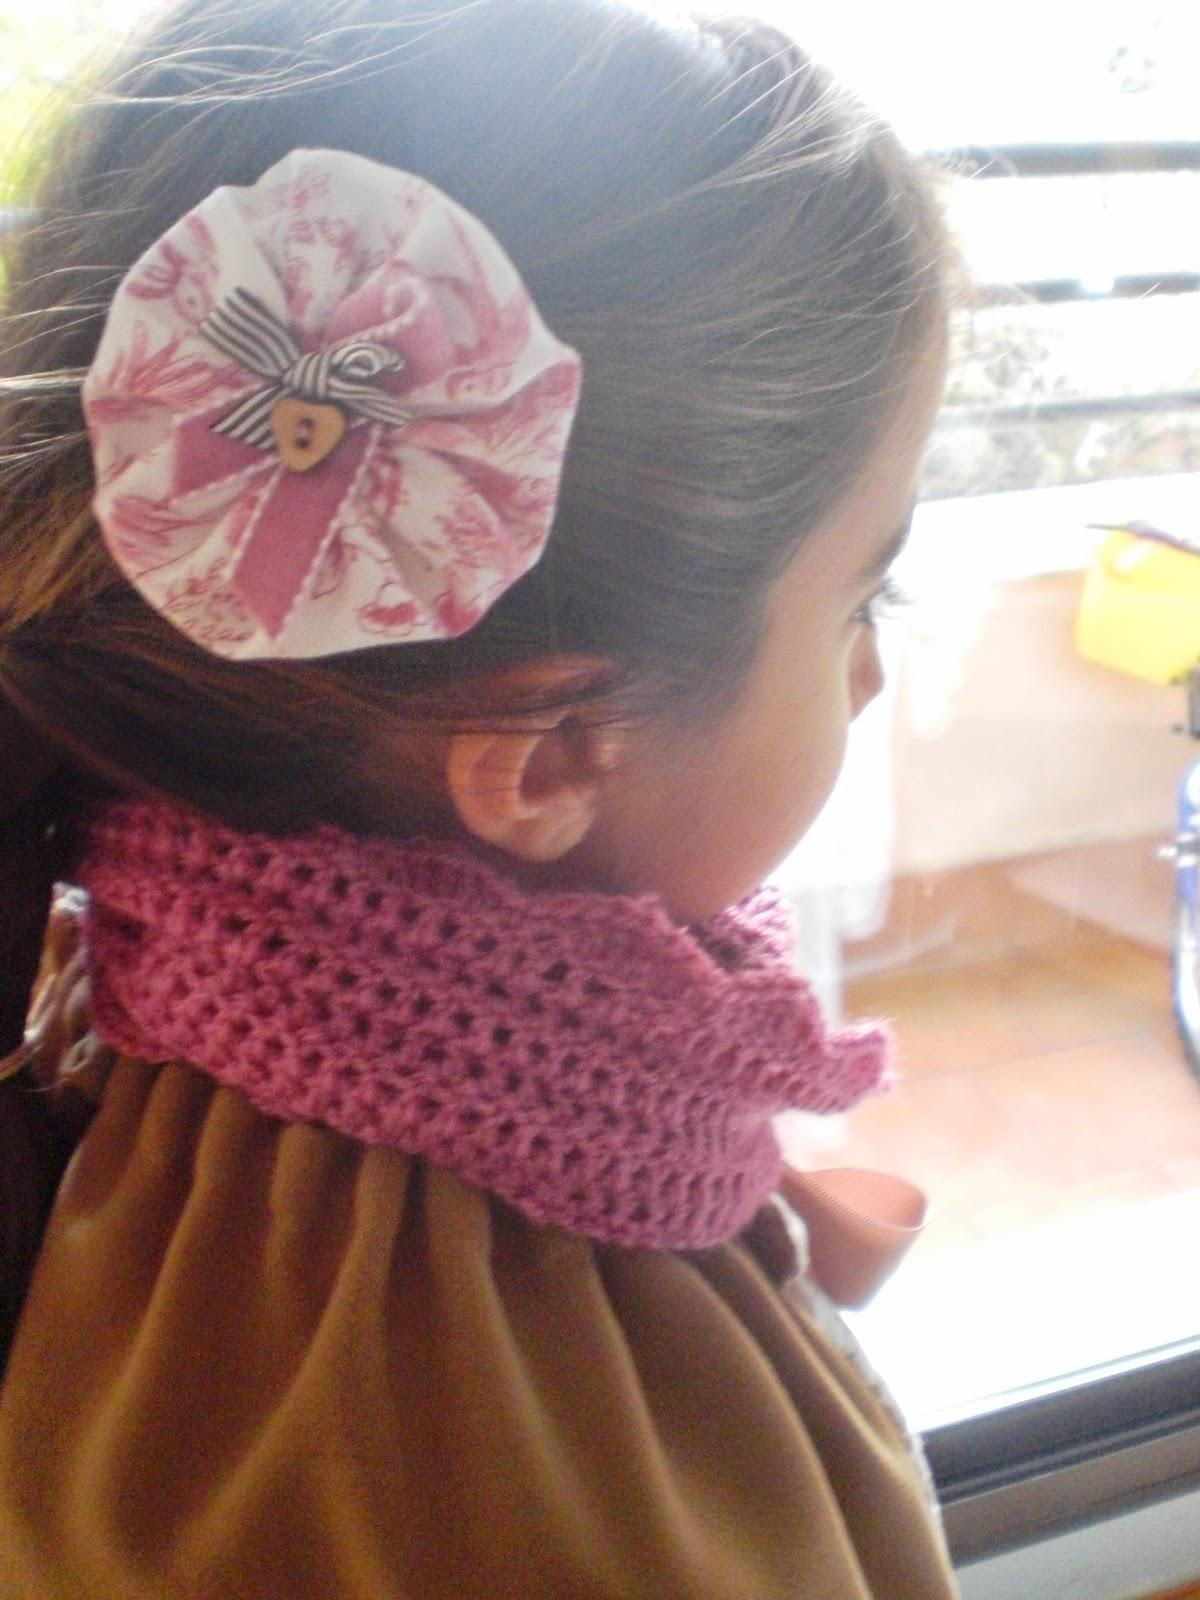 circular (o infinity scarf) para niña, en color rosa palo y puede ir con un adorno para el pelo a juego. Está hecha en crochet. !Espero que os guste!